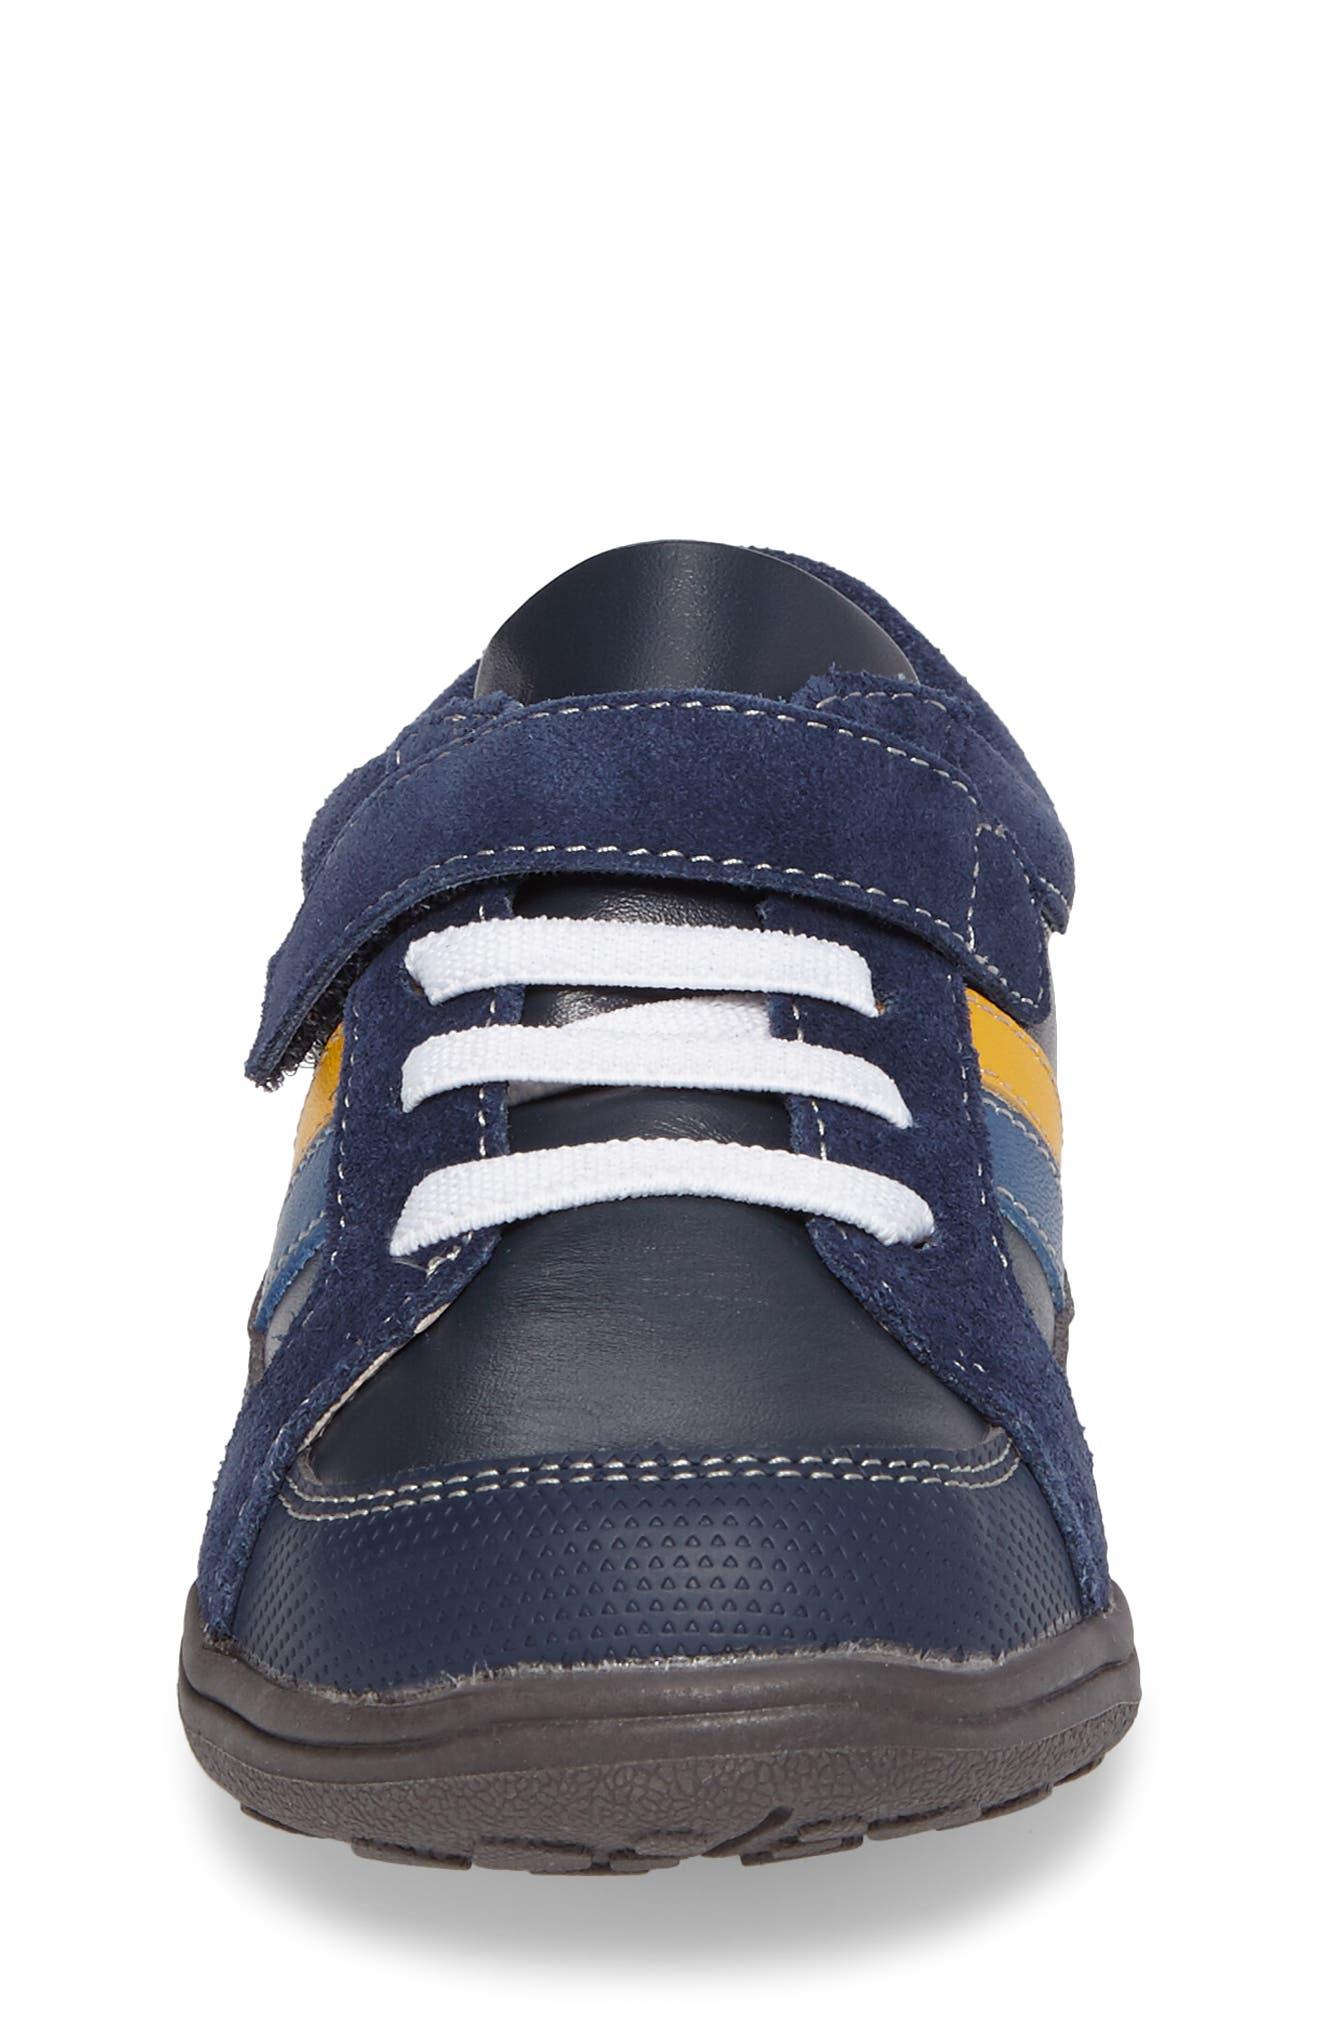 'Randall' Sneaker,                             Alternate thumbnail 4, color,                             411